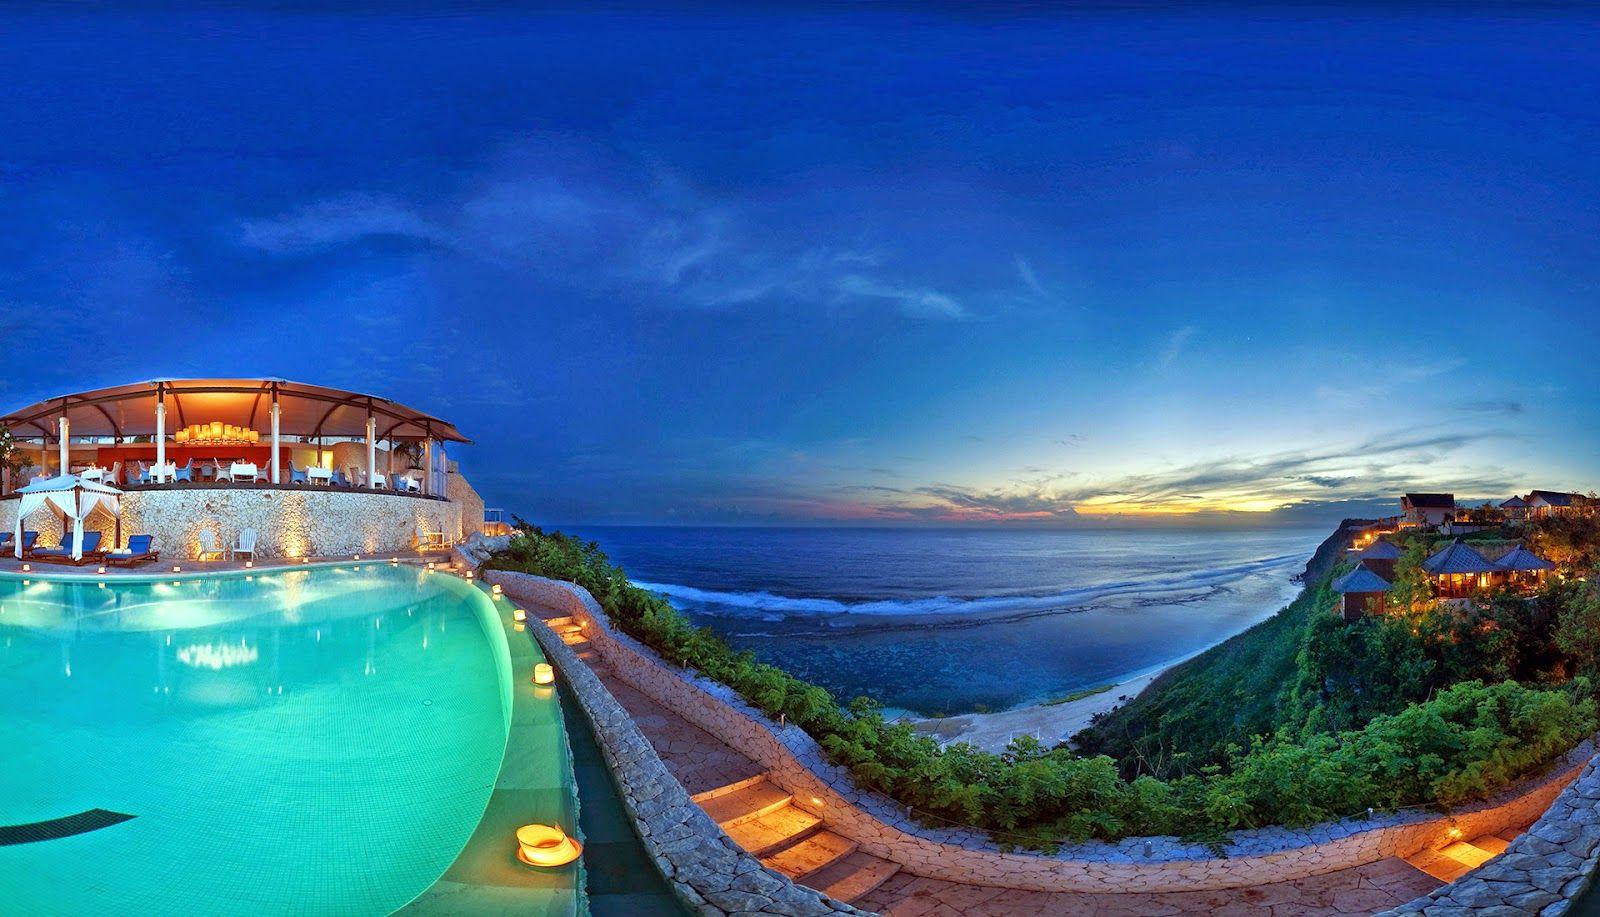 افضل 5 فنادق في جزيرة بالي اندونيسيا الموصى بها لعام 2018 رحلتي In 2020 Spa Holiday Bali Resort